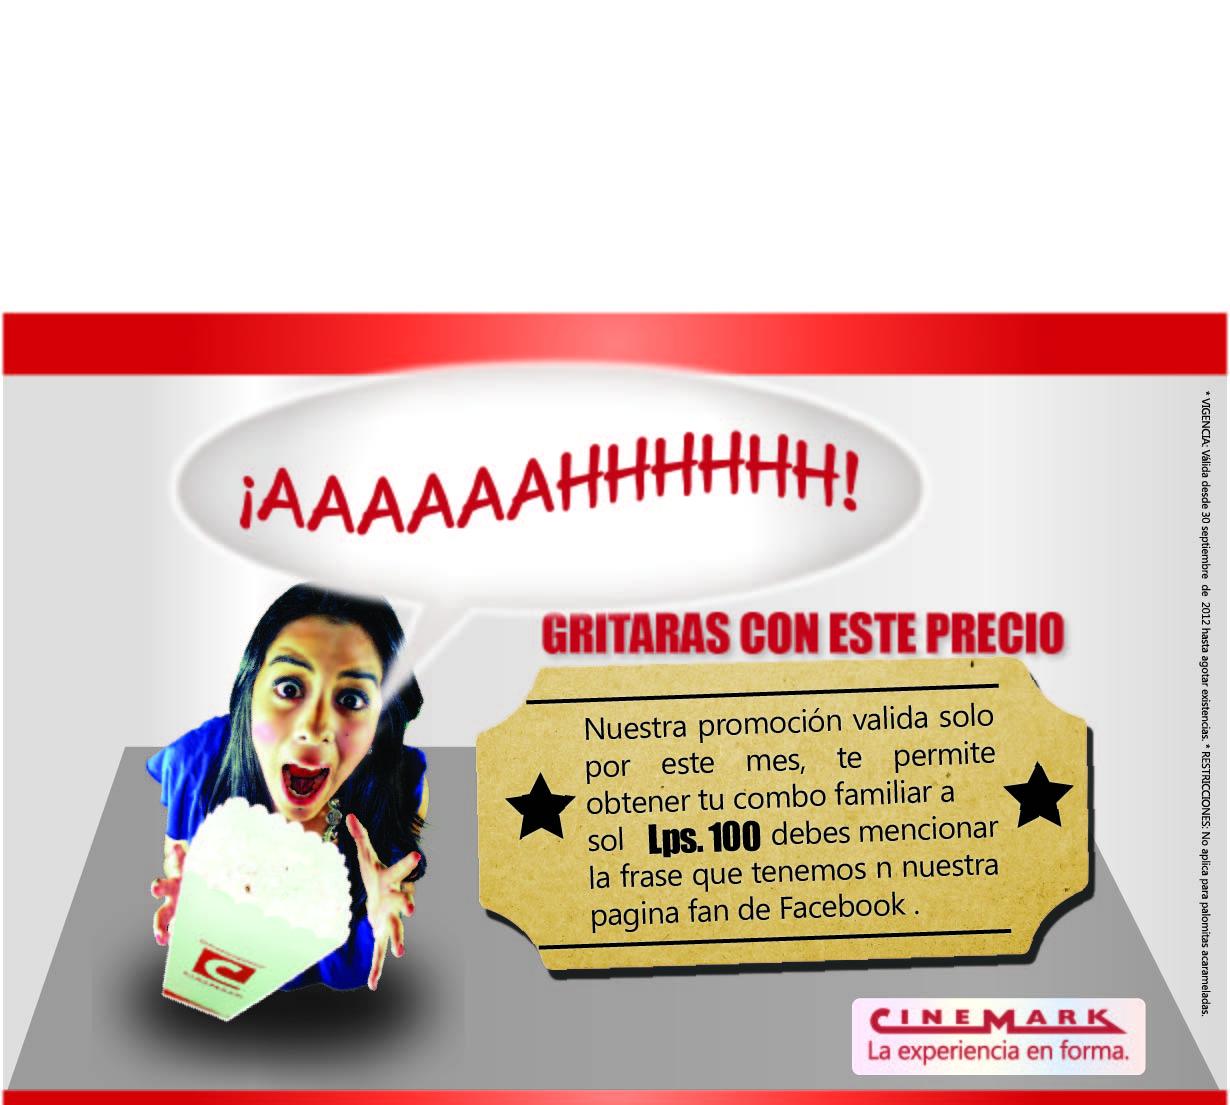 Cinemark_honduras_publicidad.jpg